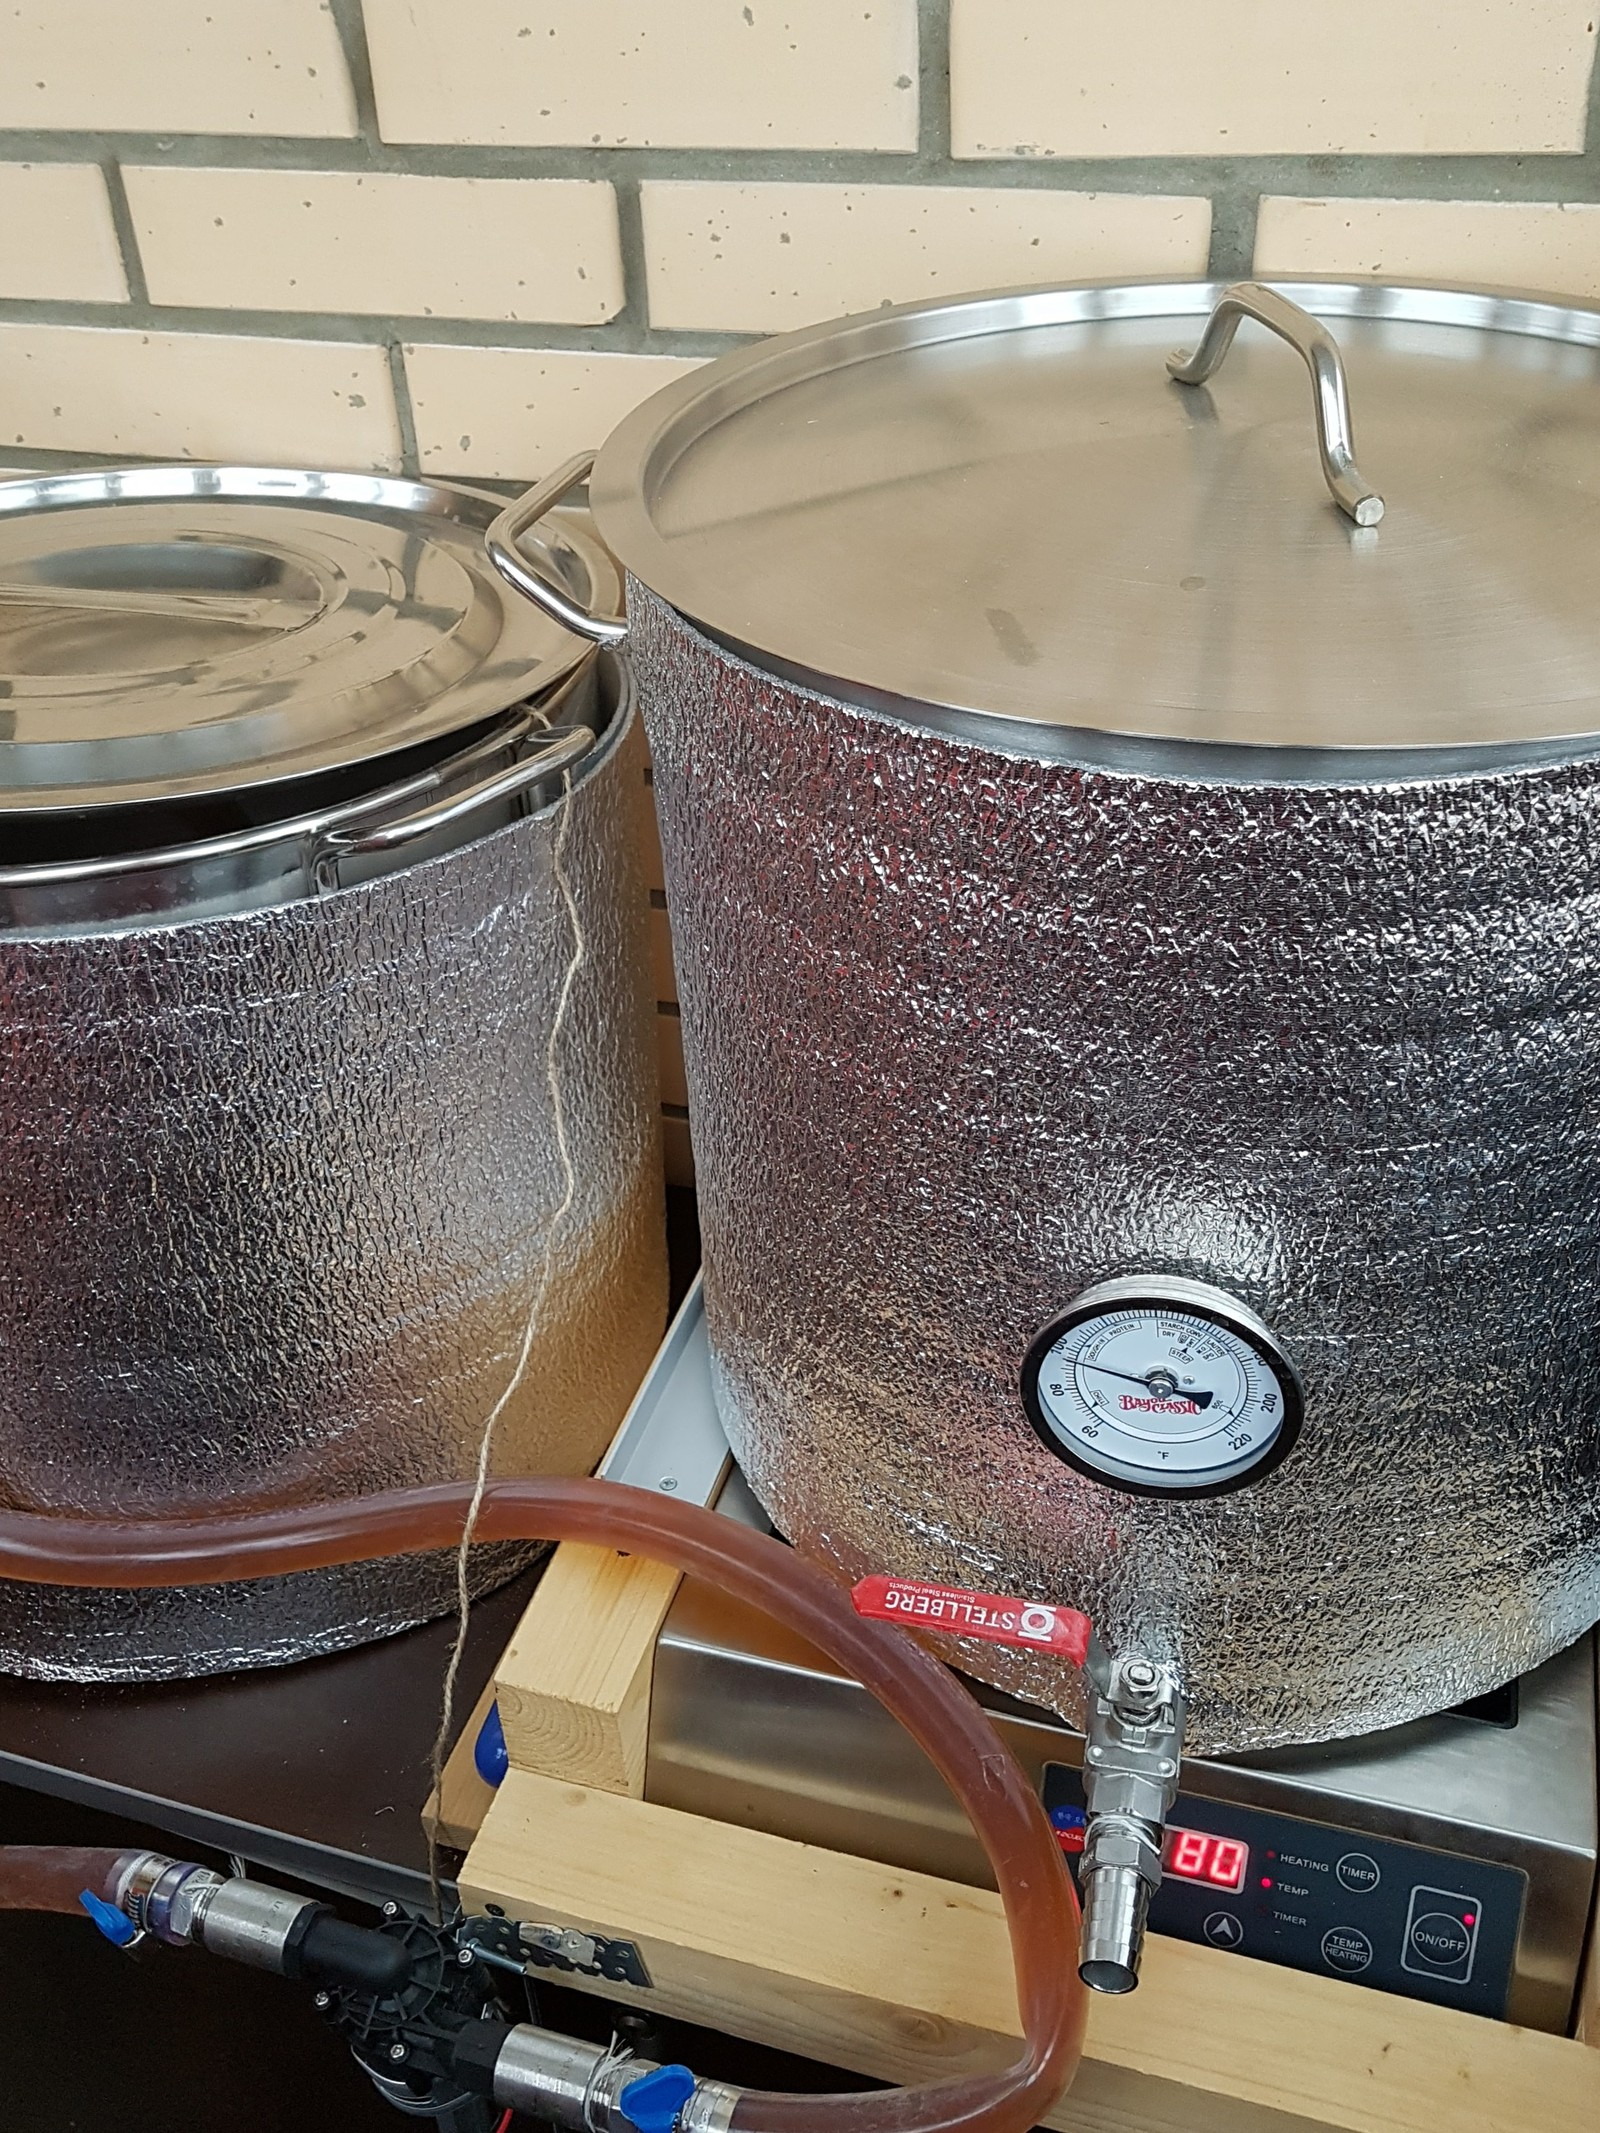 Себестоимость пива в домашней пивоварне самогонный аппарат на костре